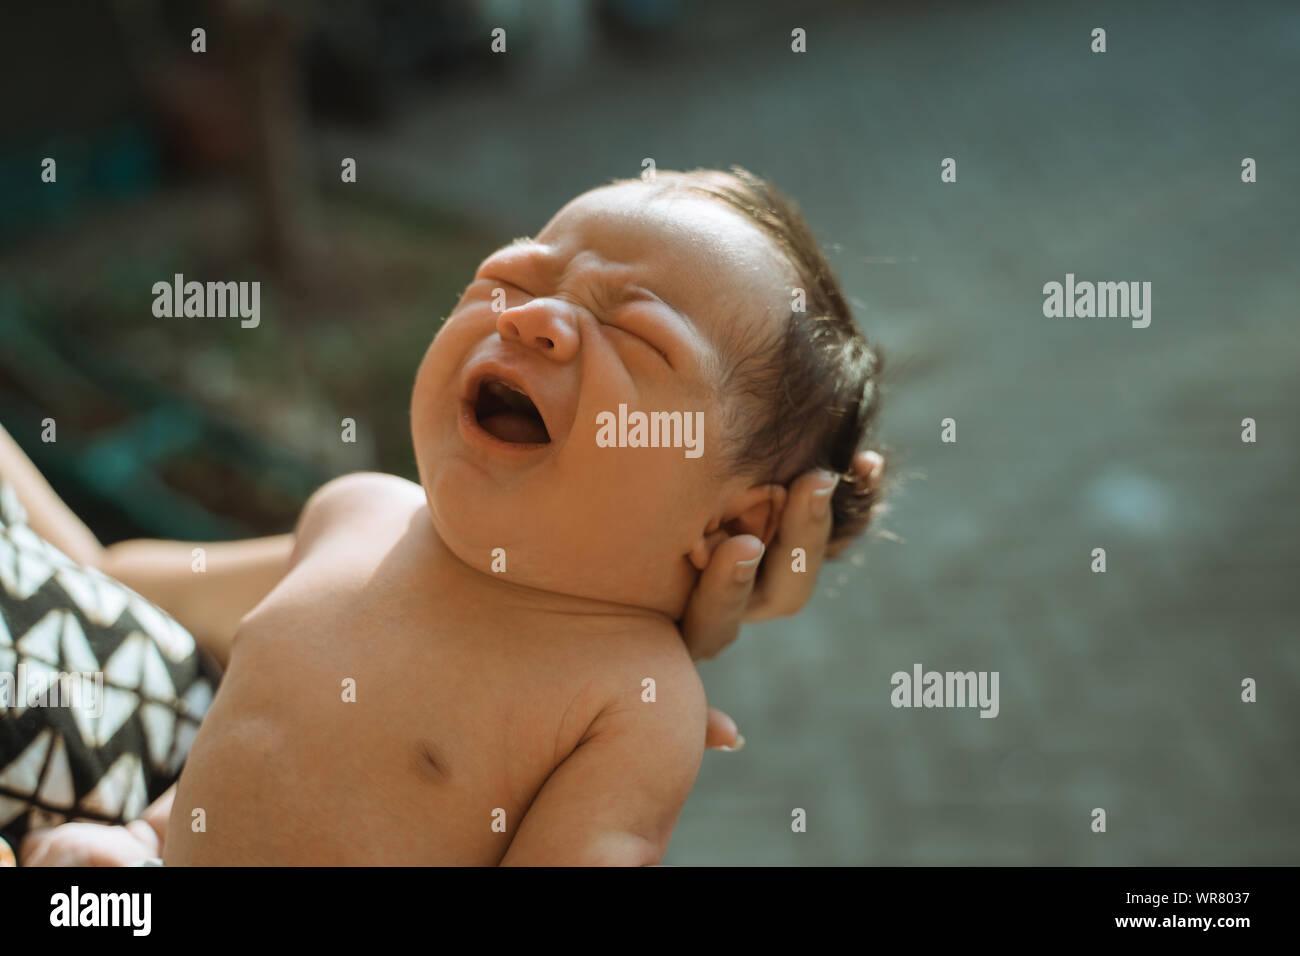 Zugeschnittenes Bild des Neugeborenen sonnenbaden Baby Stockfoto